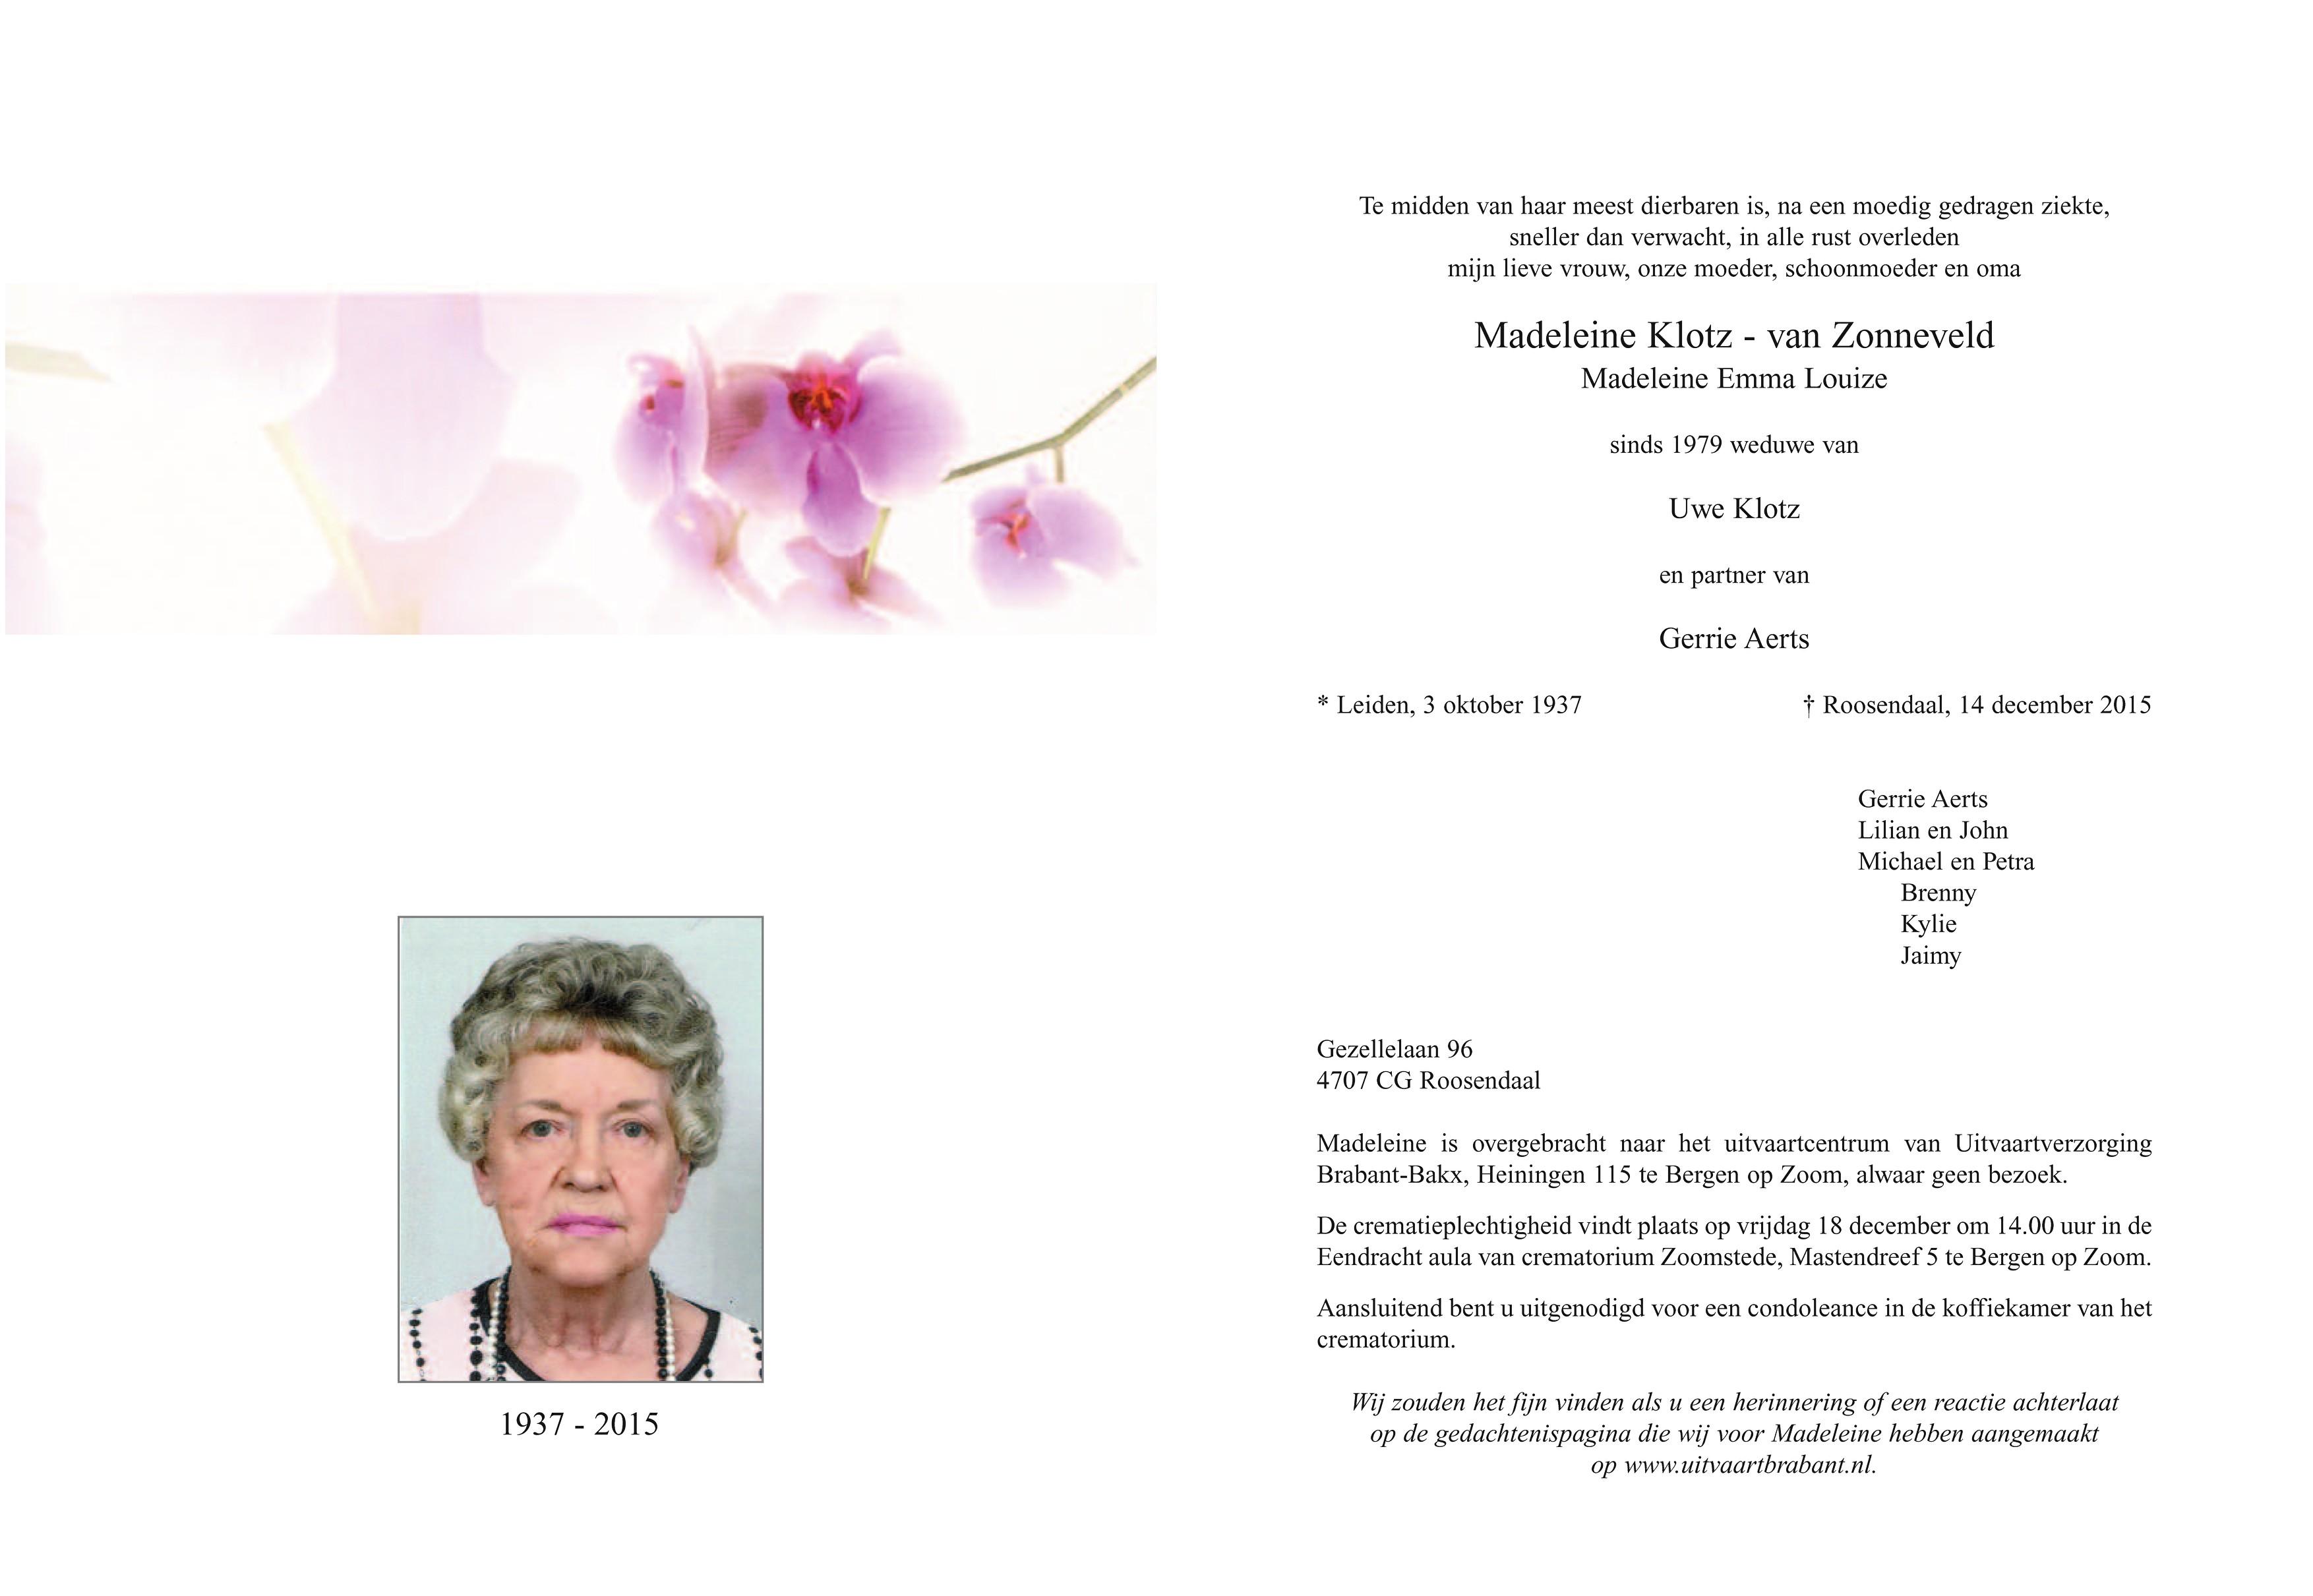 Madeleine Klotz - van Zonneveld Death notice